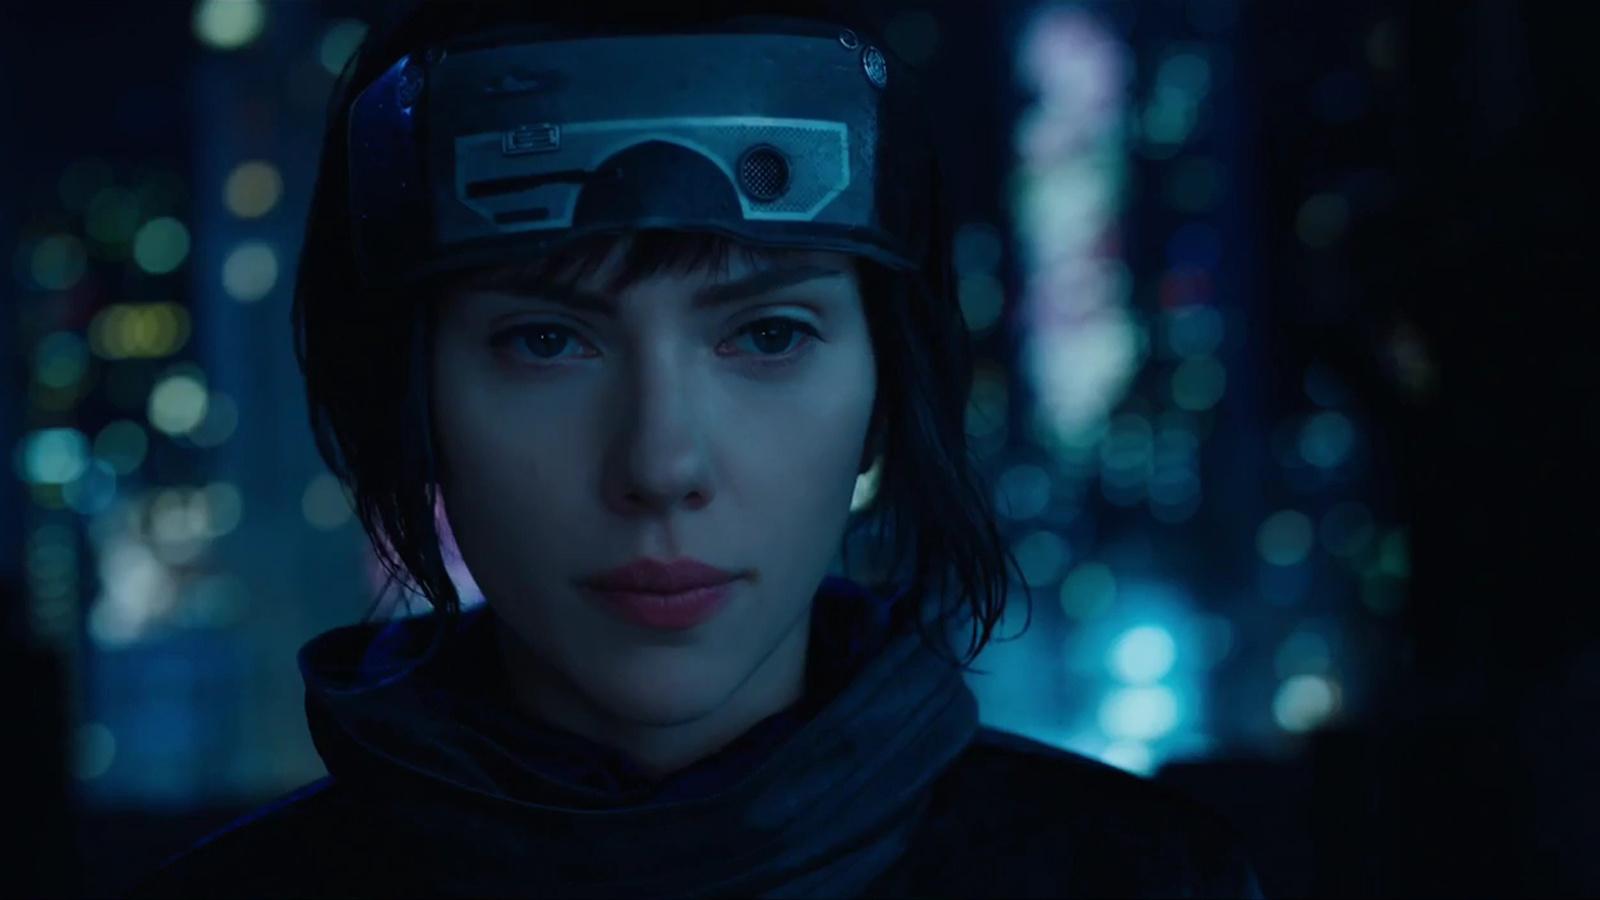 [更新]攻殼機動隊真人電影最新正式預告影像放出